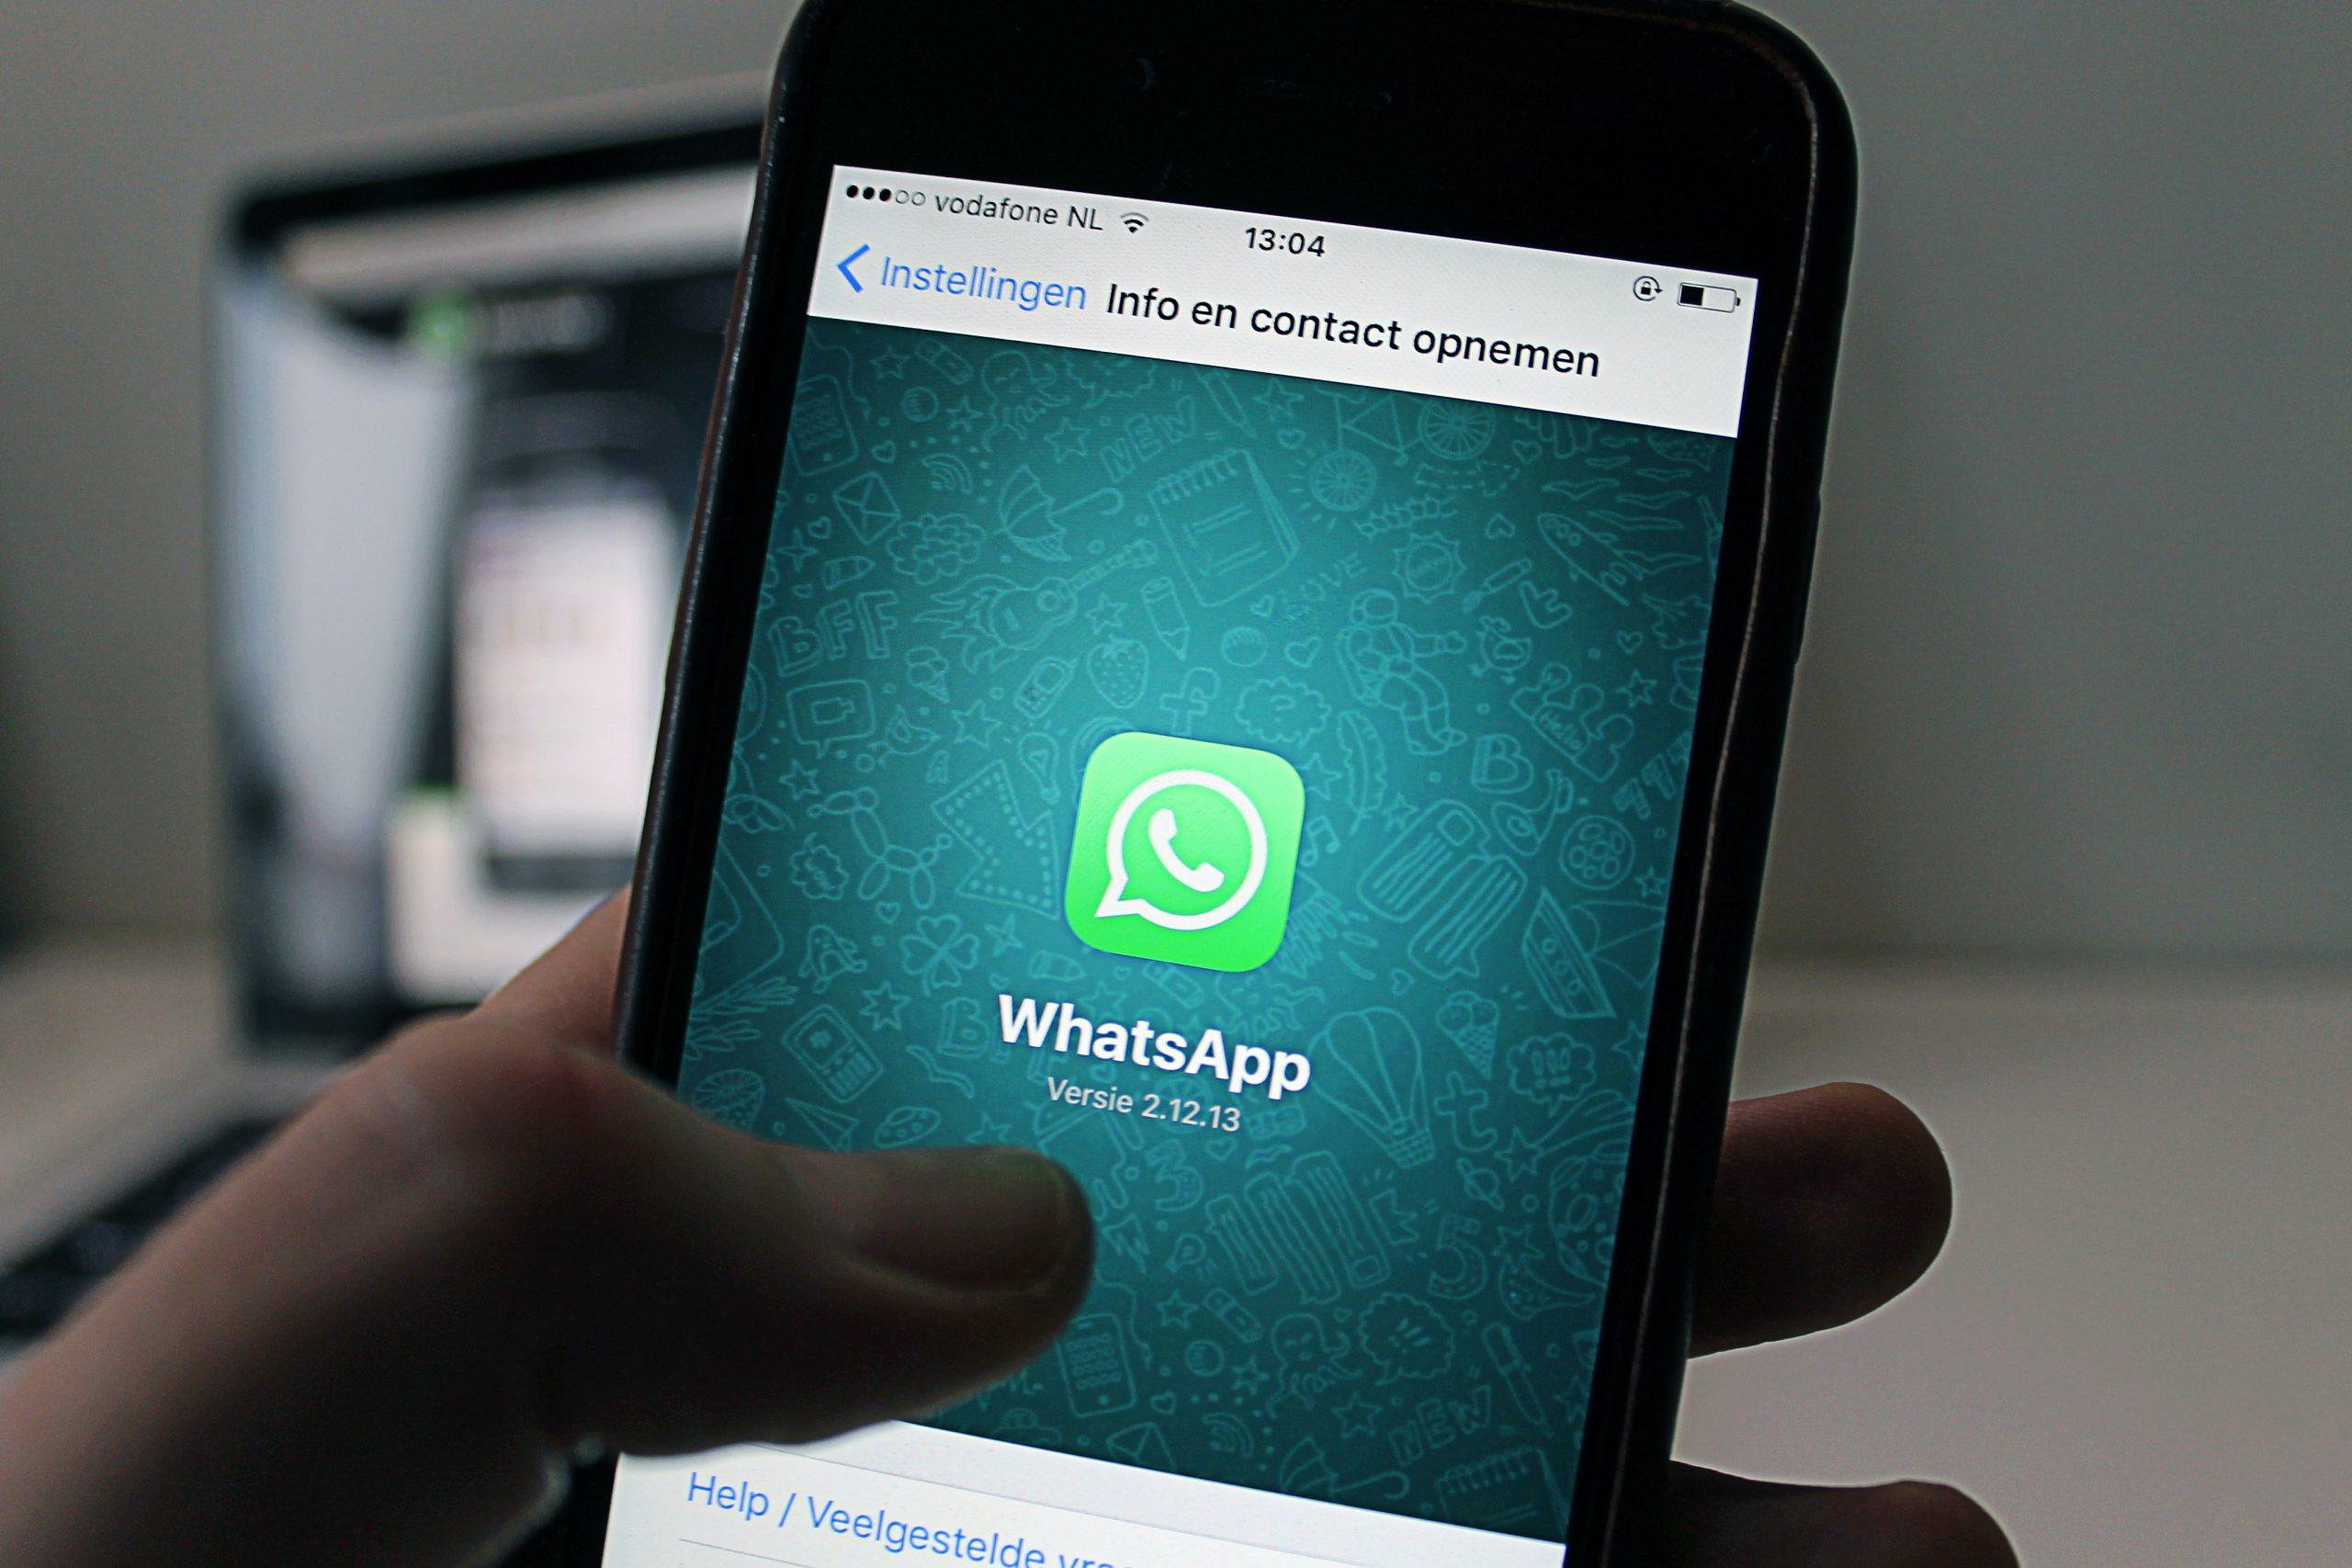 noventa-redes-sociais-dicas-dimensoes-imagens-blog-whatsapp